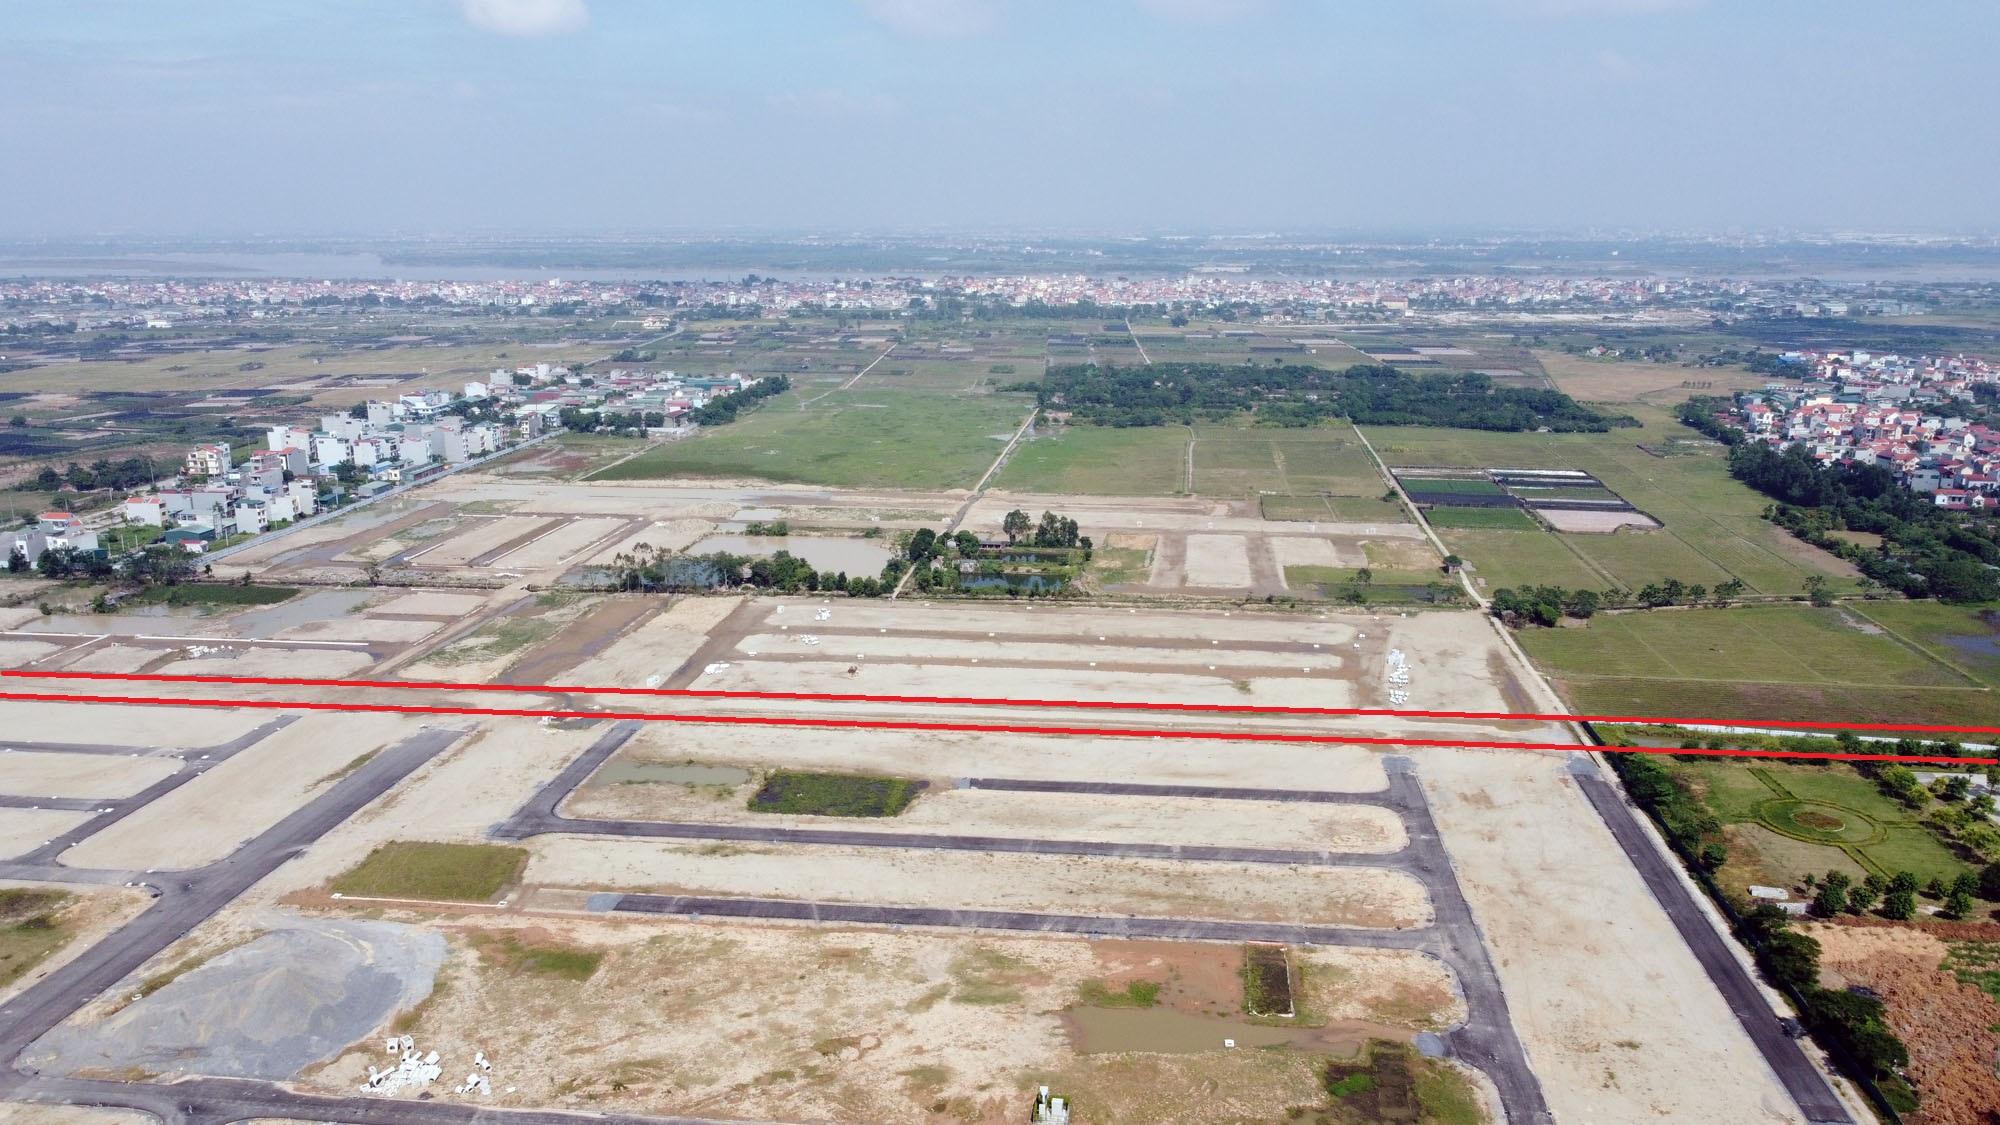 Ba đường sẽ mở theo qui hoạch ở xã Tân Hội, Đan Phượng, Hà Nội - Ảnh 11.